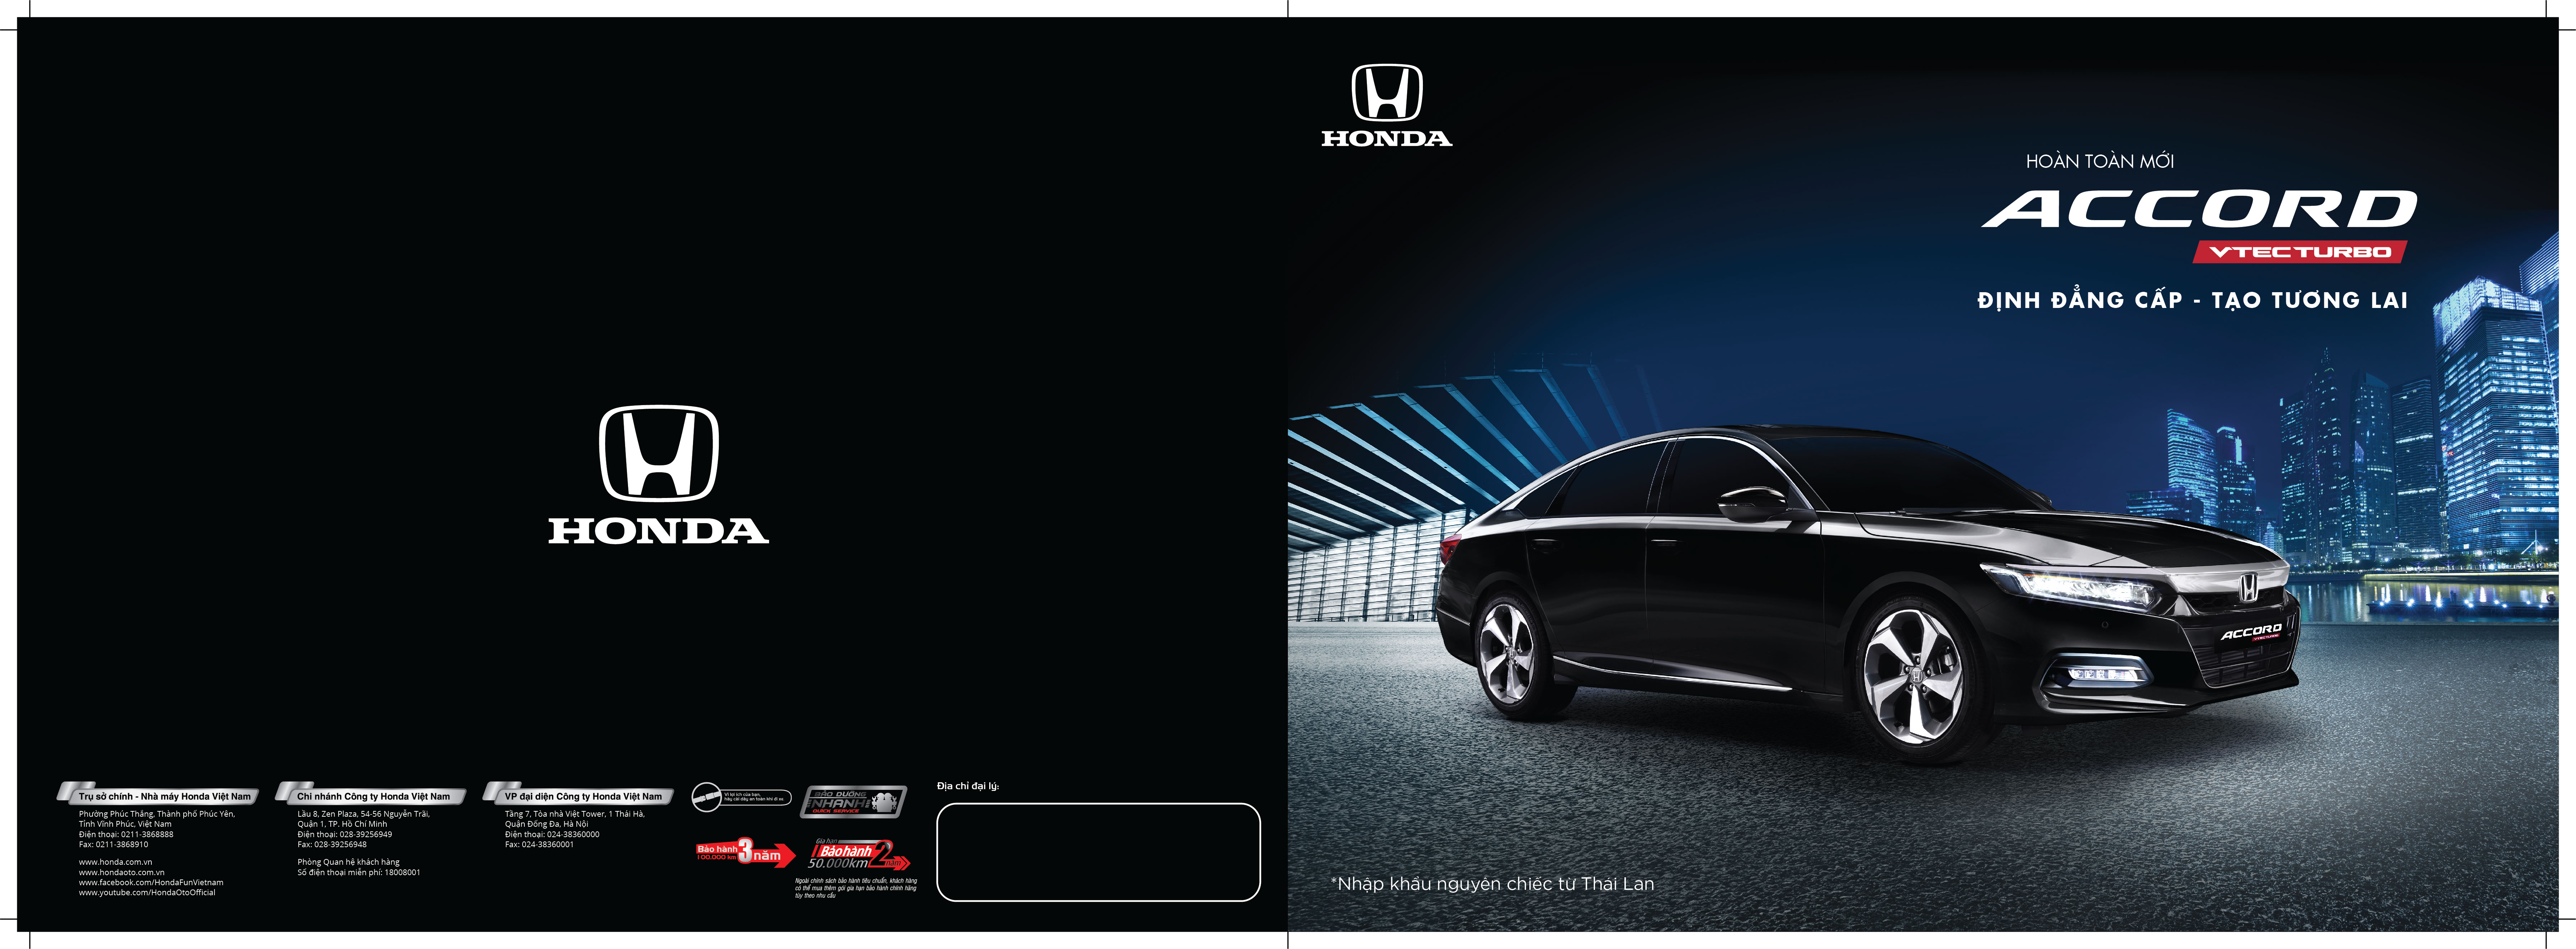 Honda Accord - Honda Nha Trang - Honda Ô tô Khánh Hòa - 0905 829 379